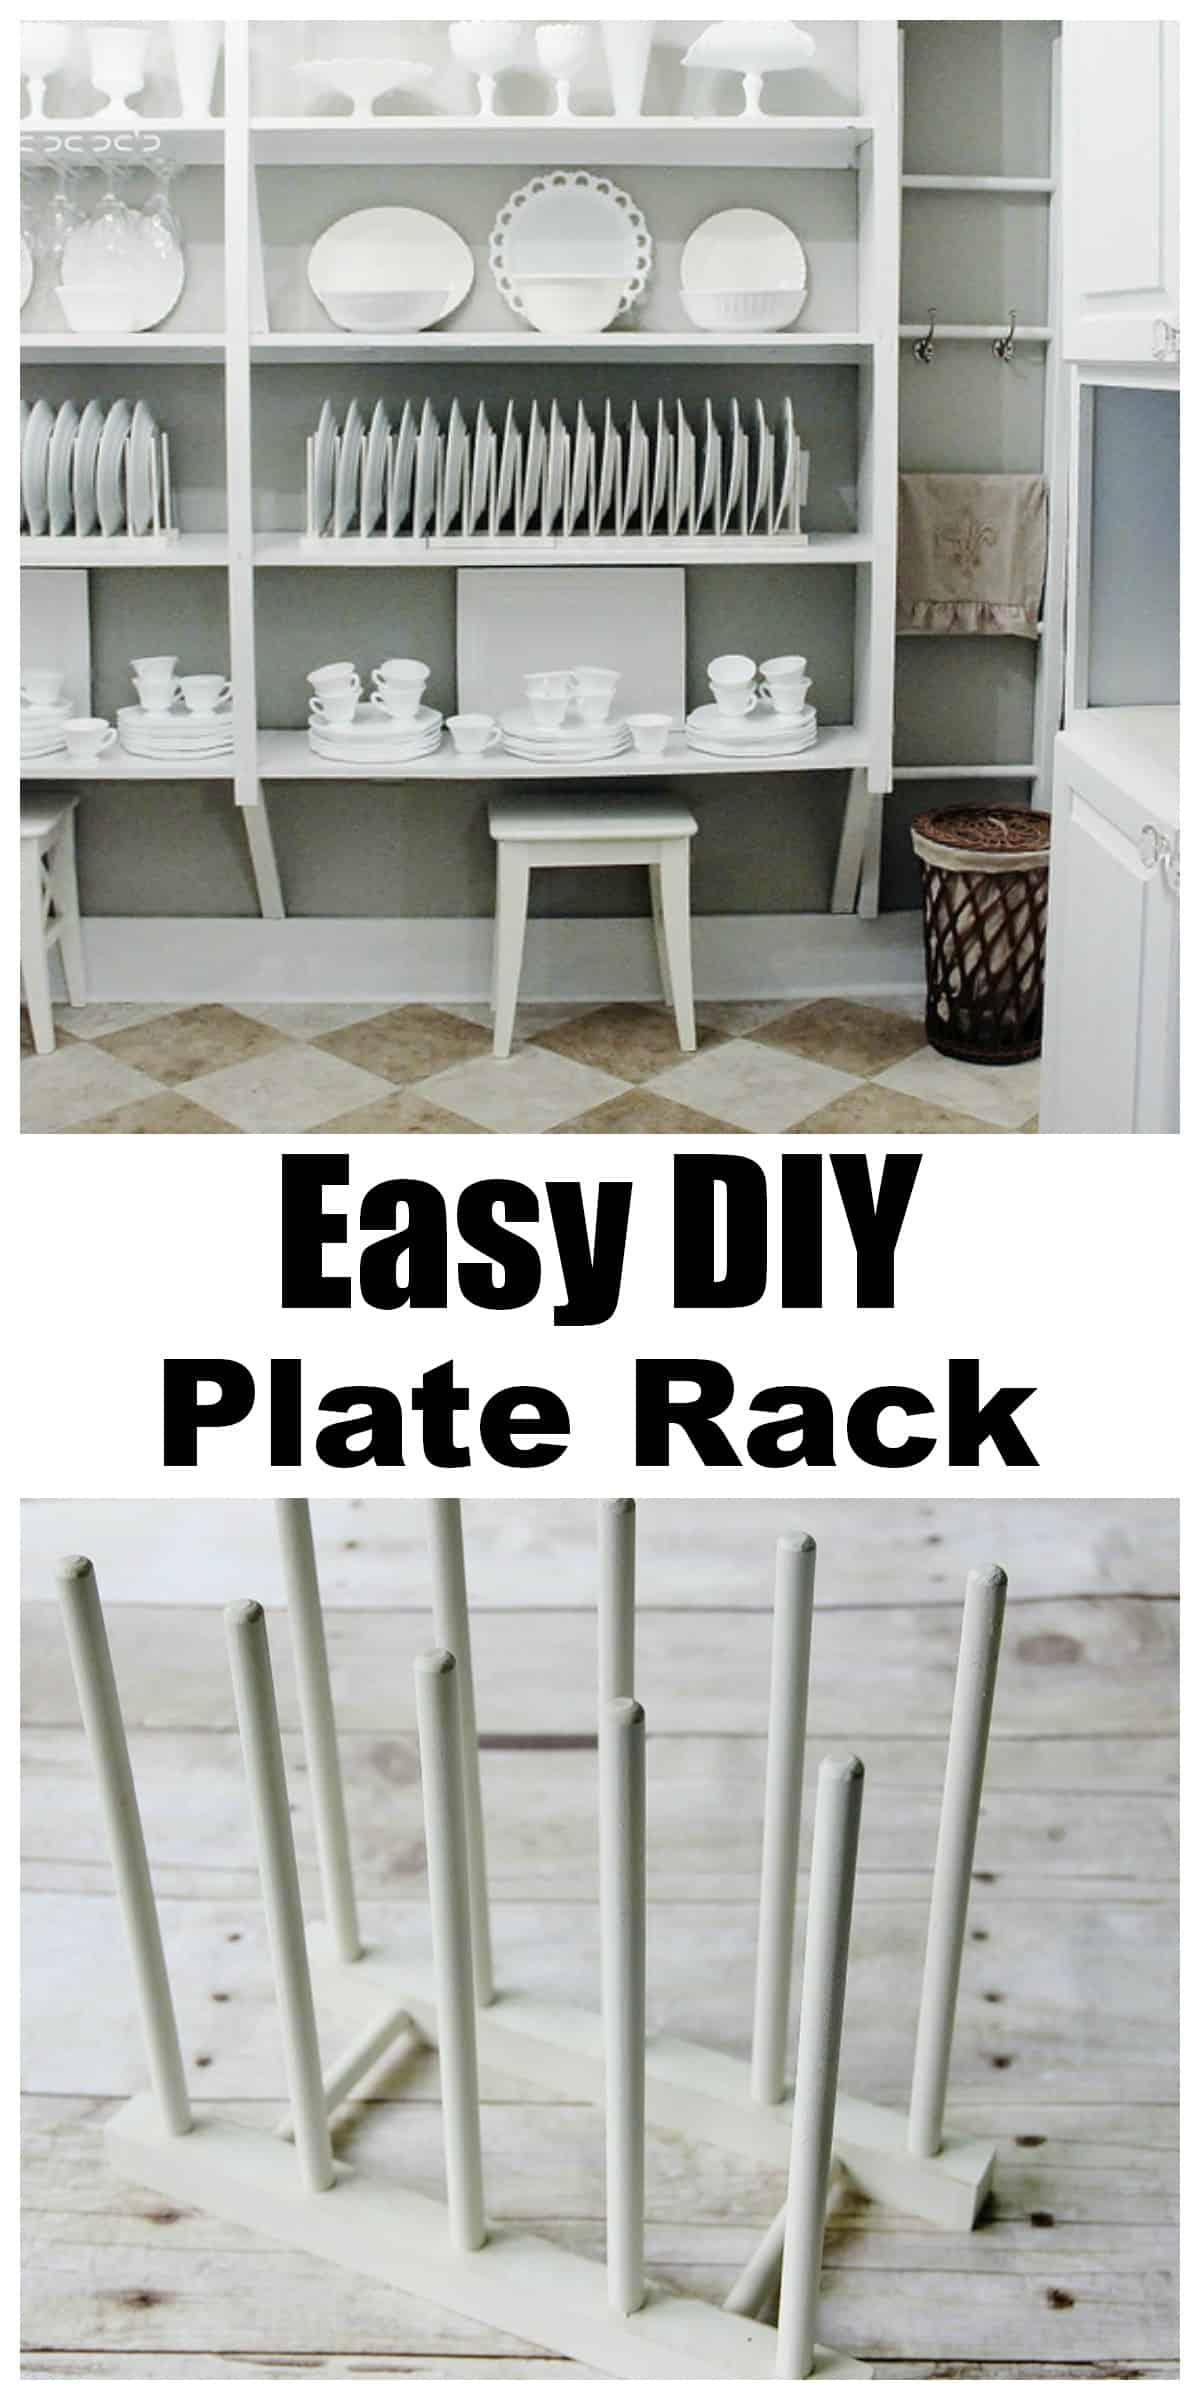 Easy DIY plate rack.